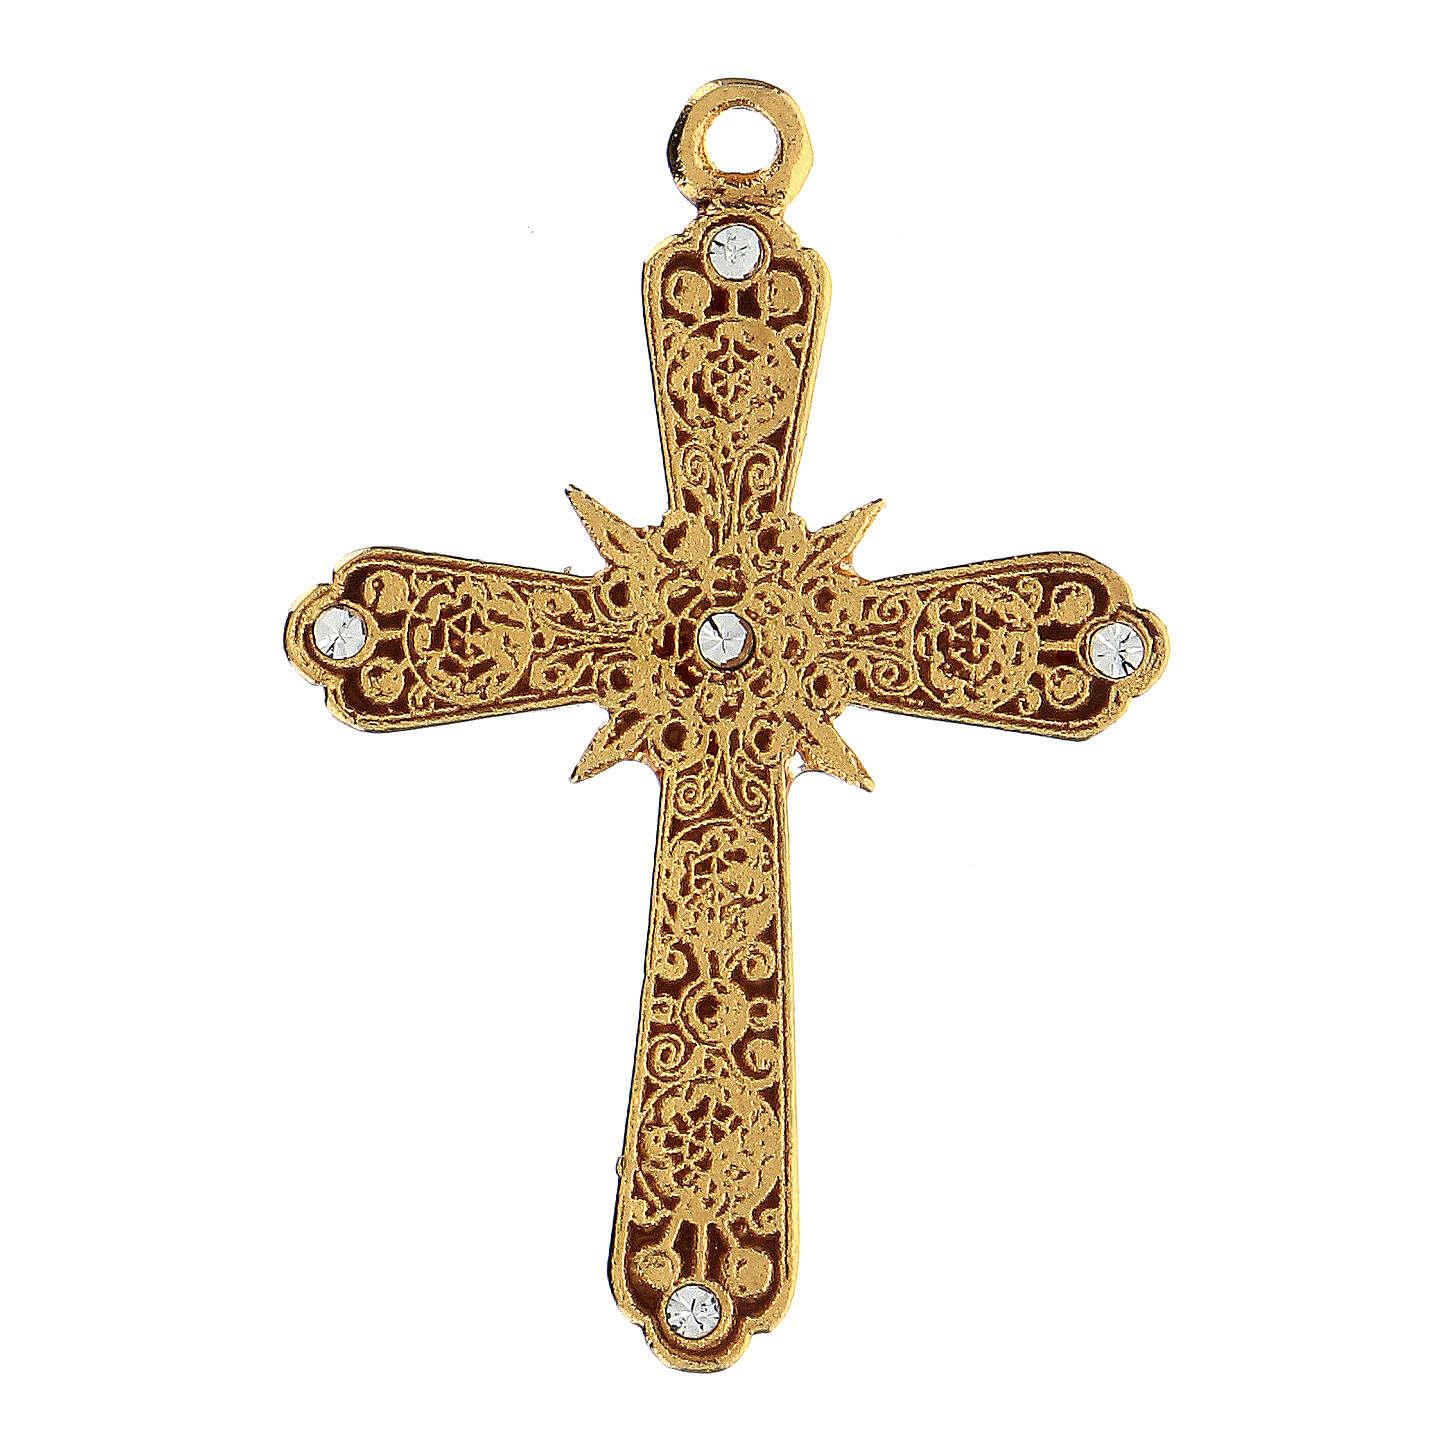 Krzyż zawieszka pozłacana strass Swarovskiego 4